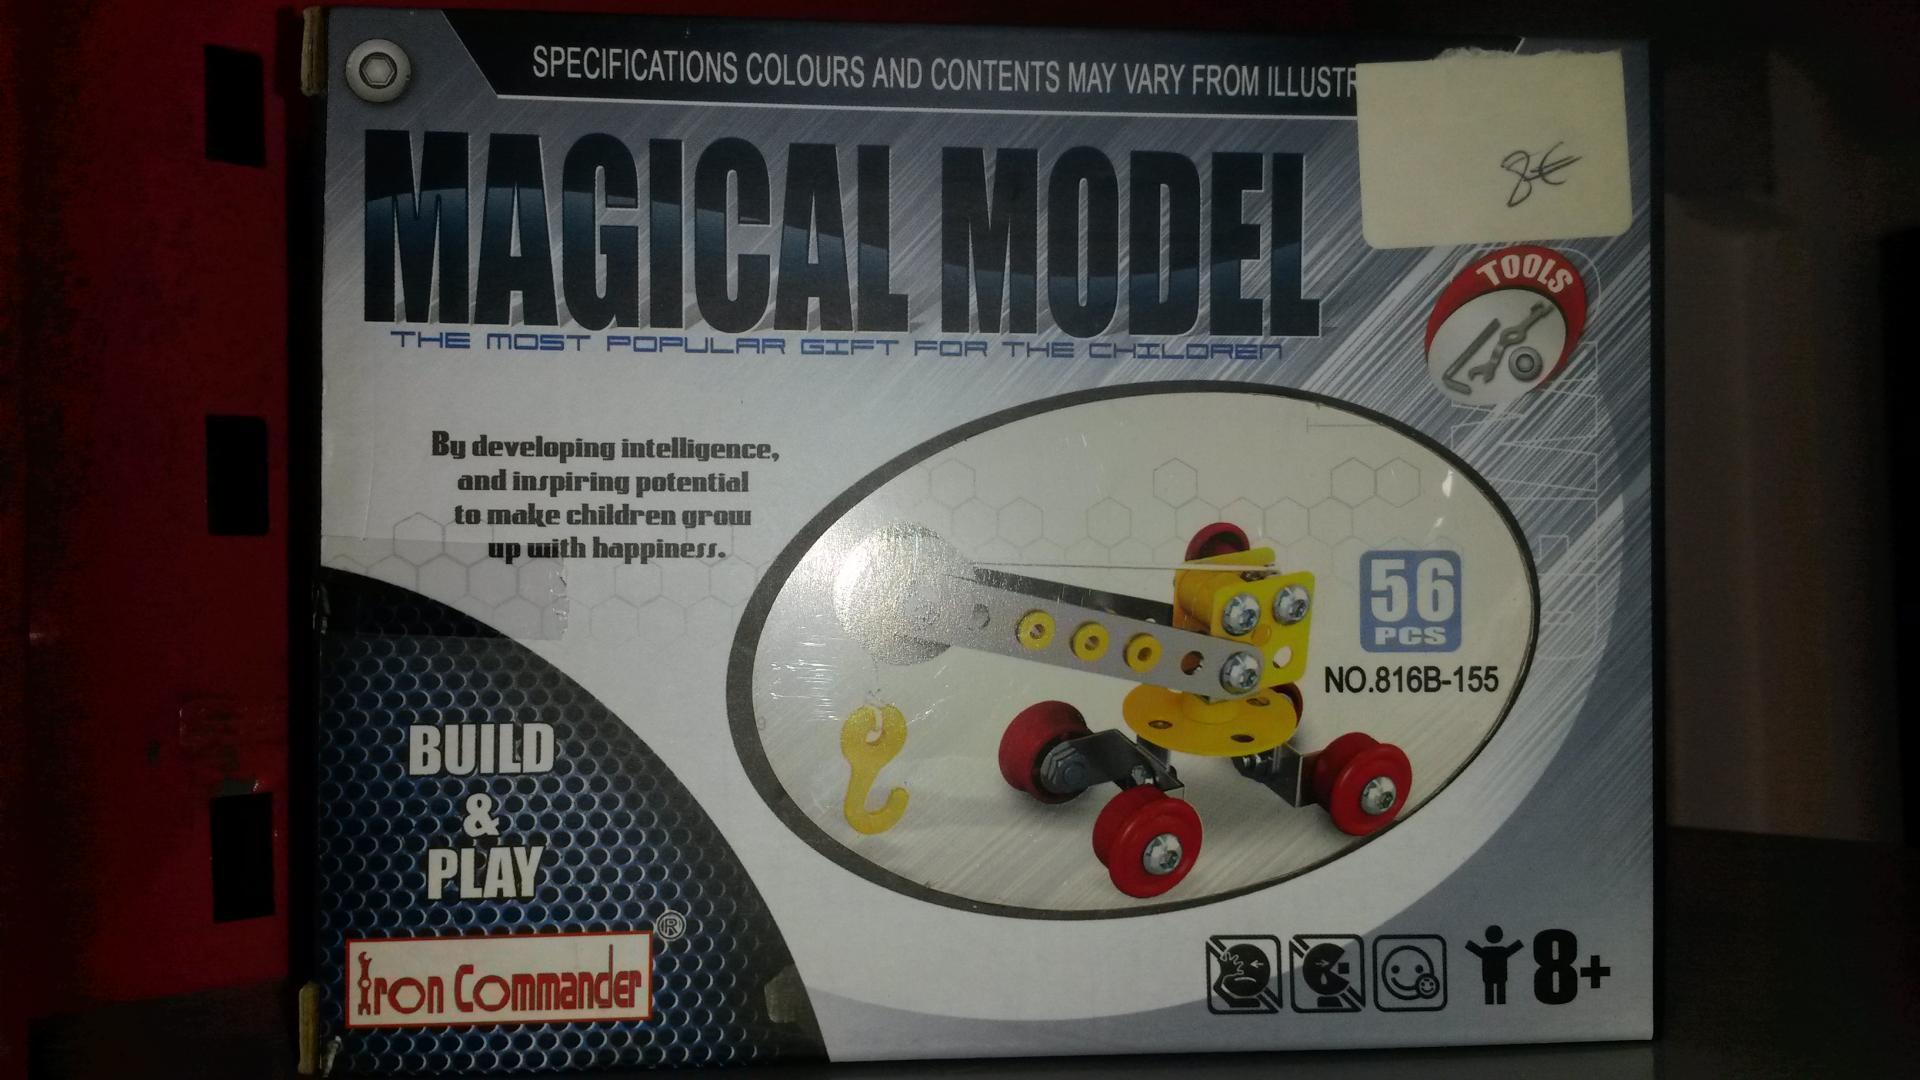 Magicalmodelgrue56pcs1